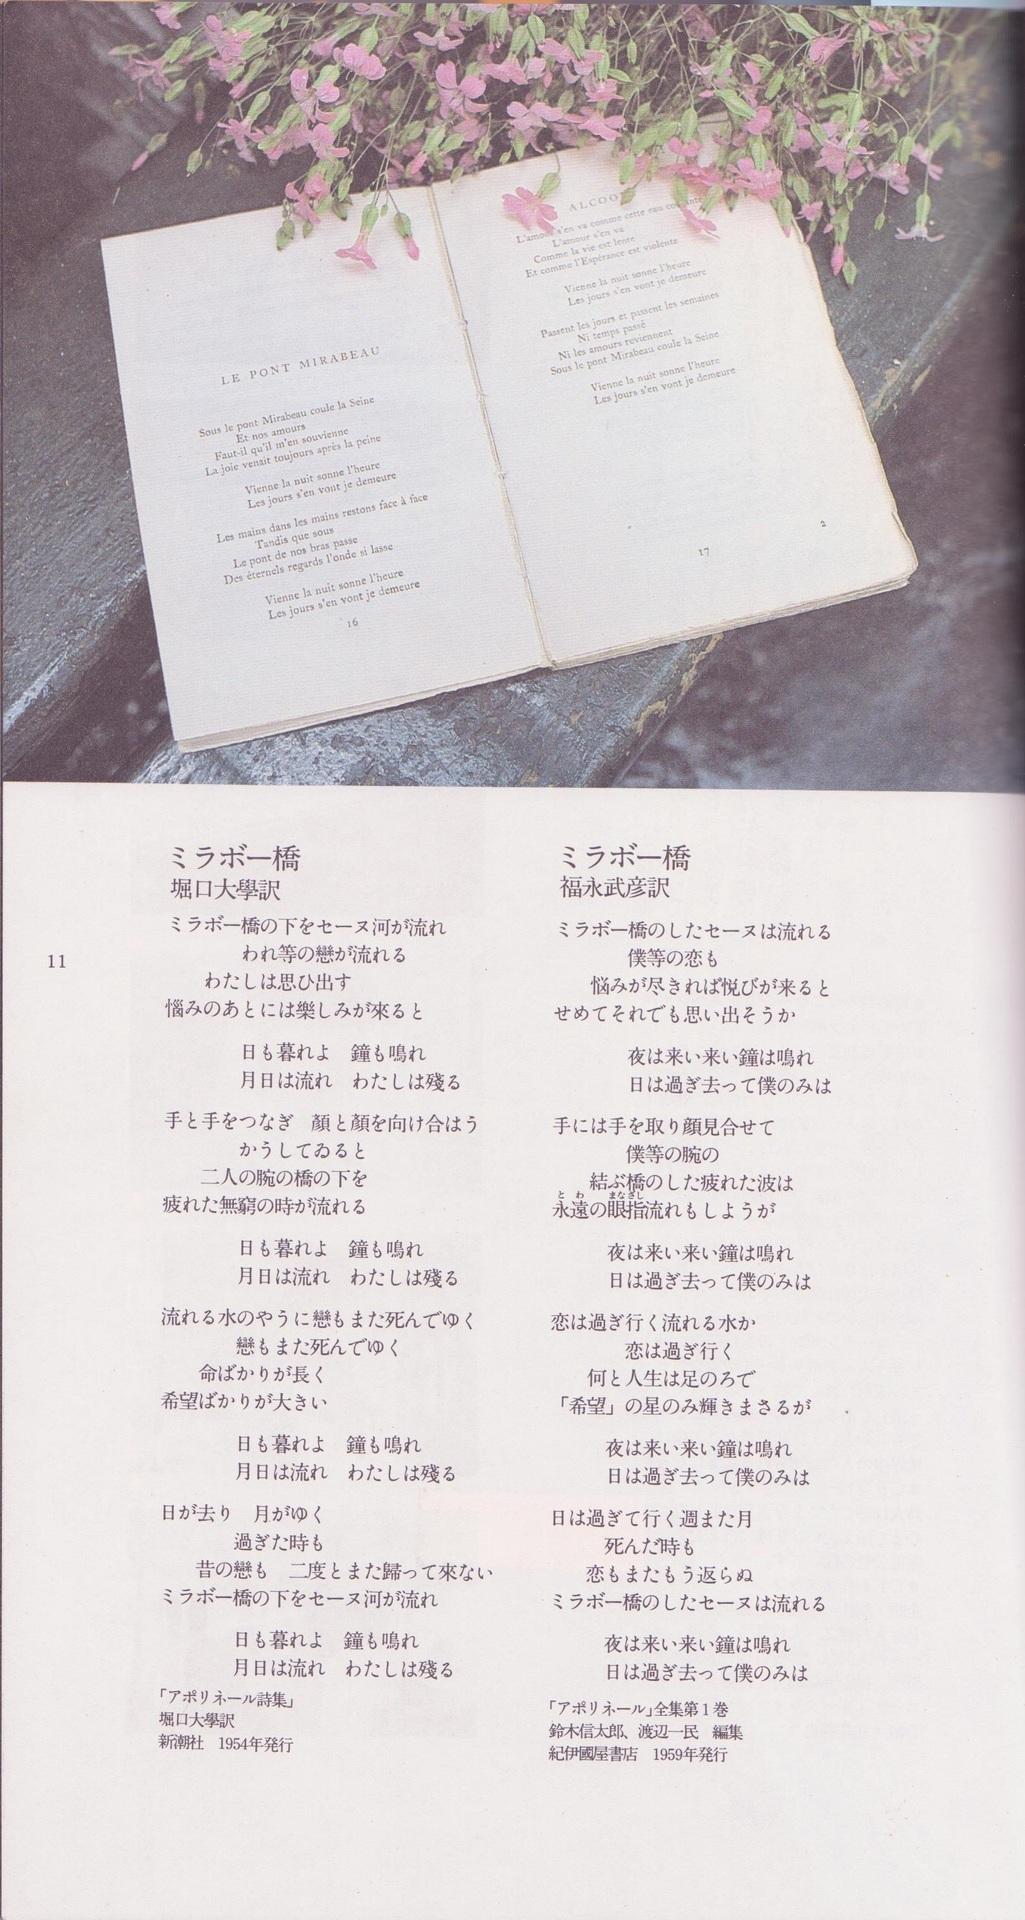 gensougaku_1.jpg